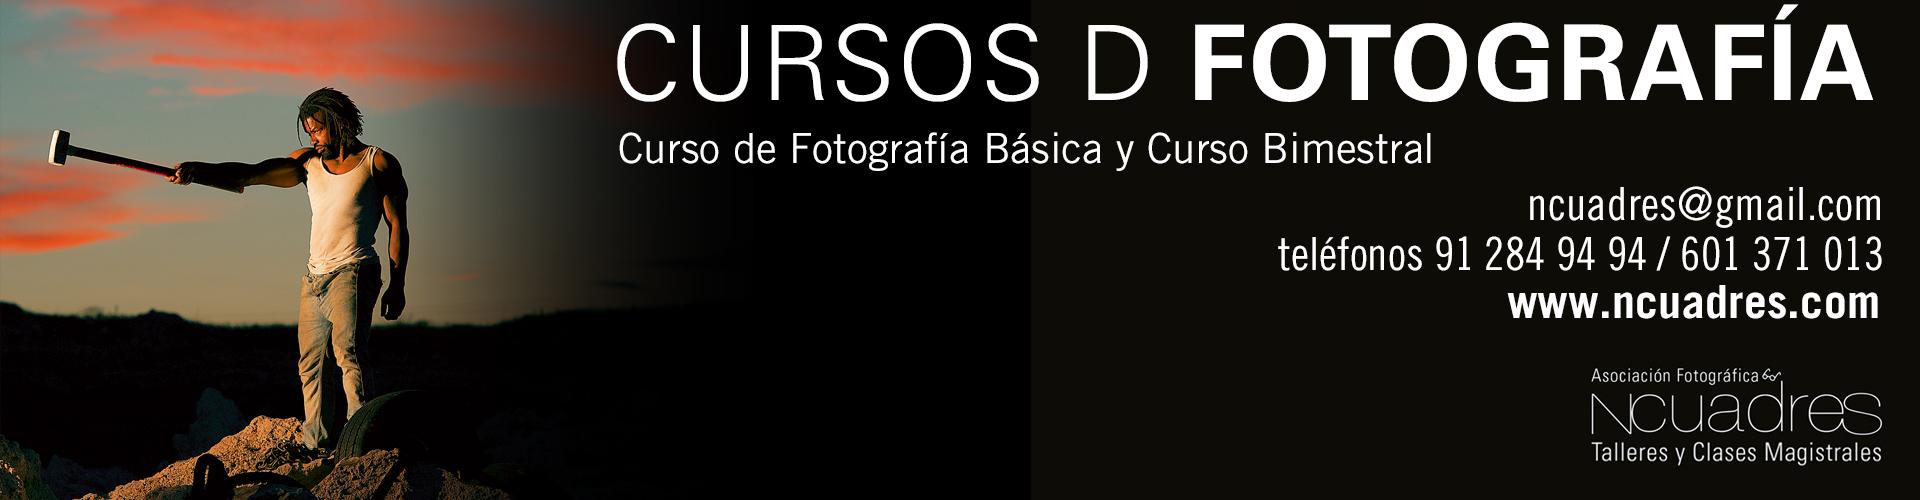 Cursos de fotografía en Valdemoro